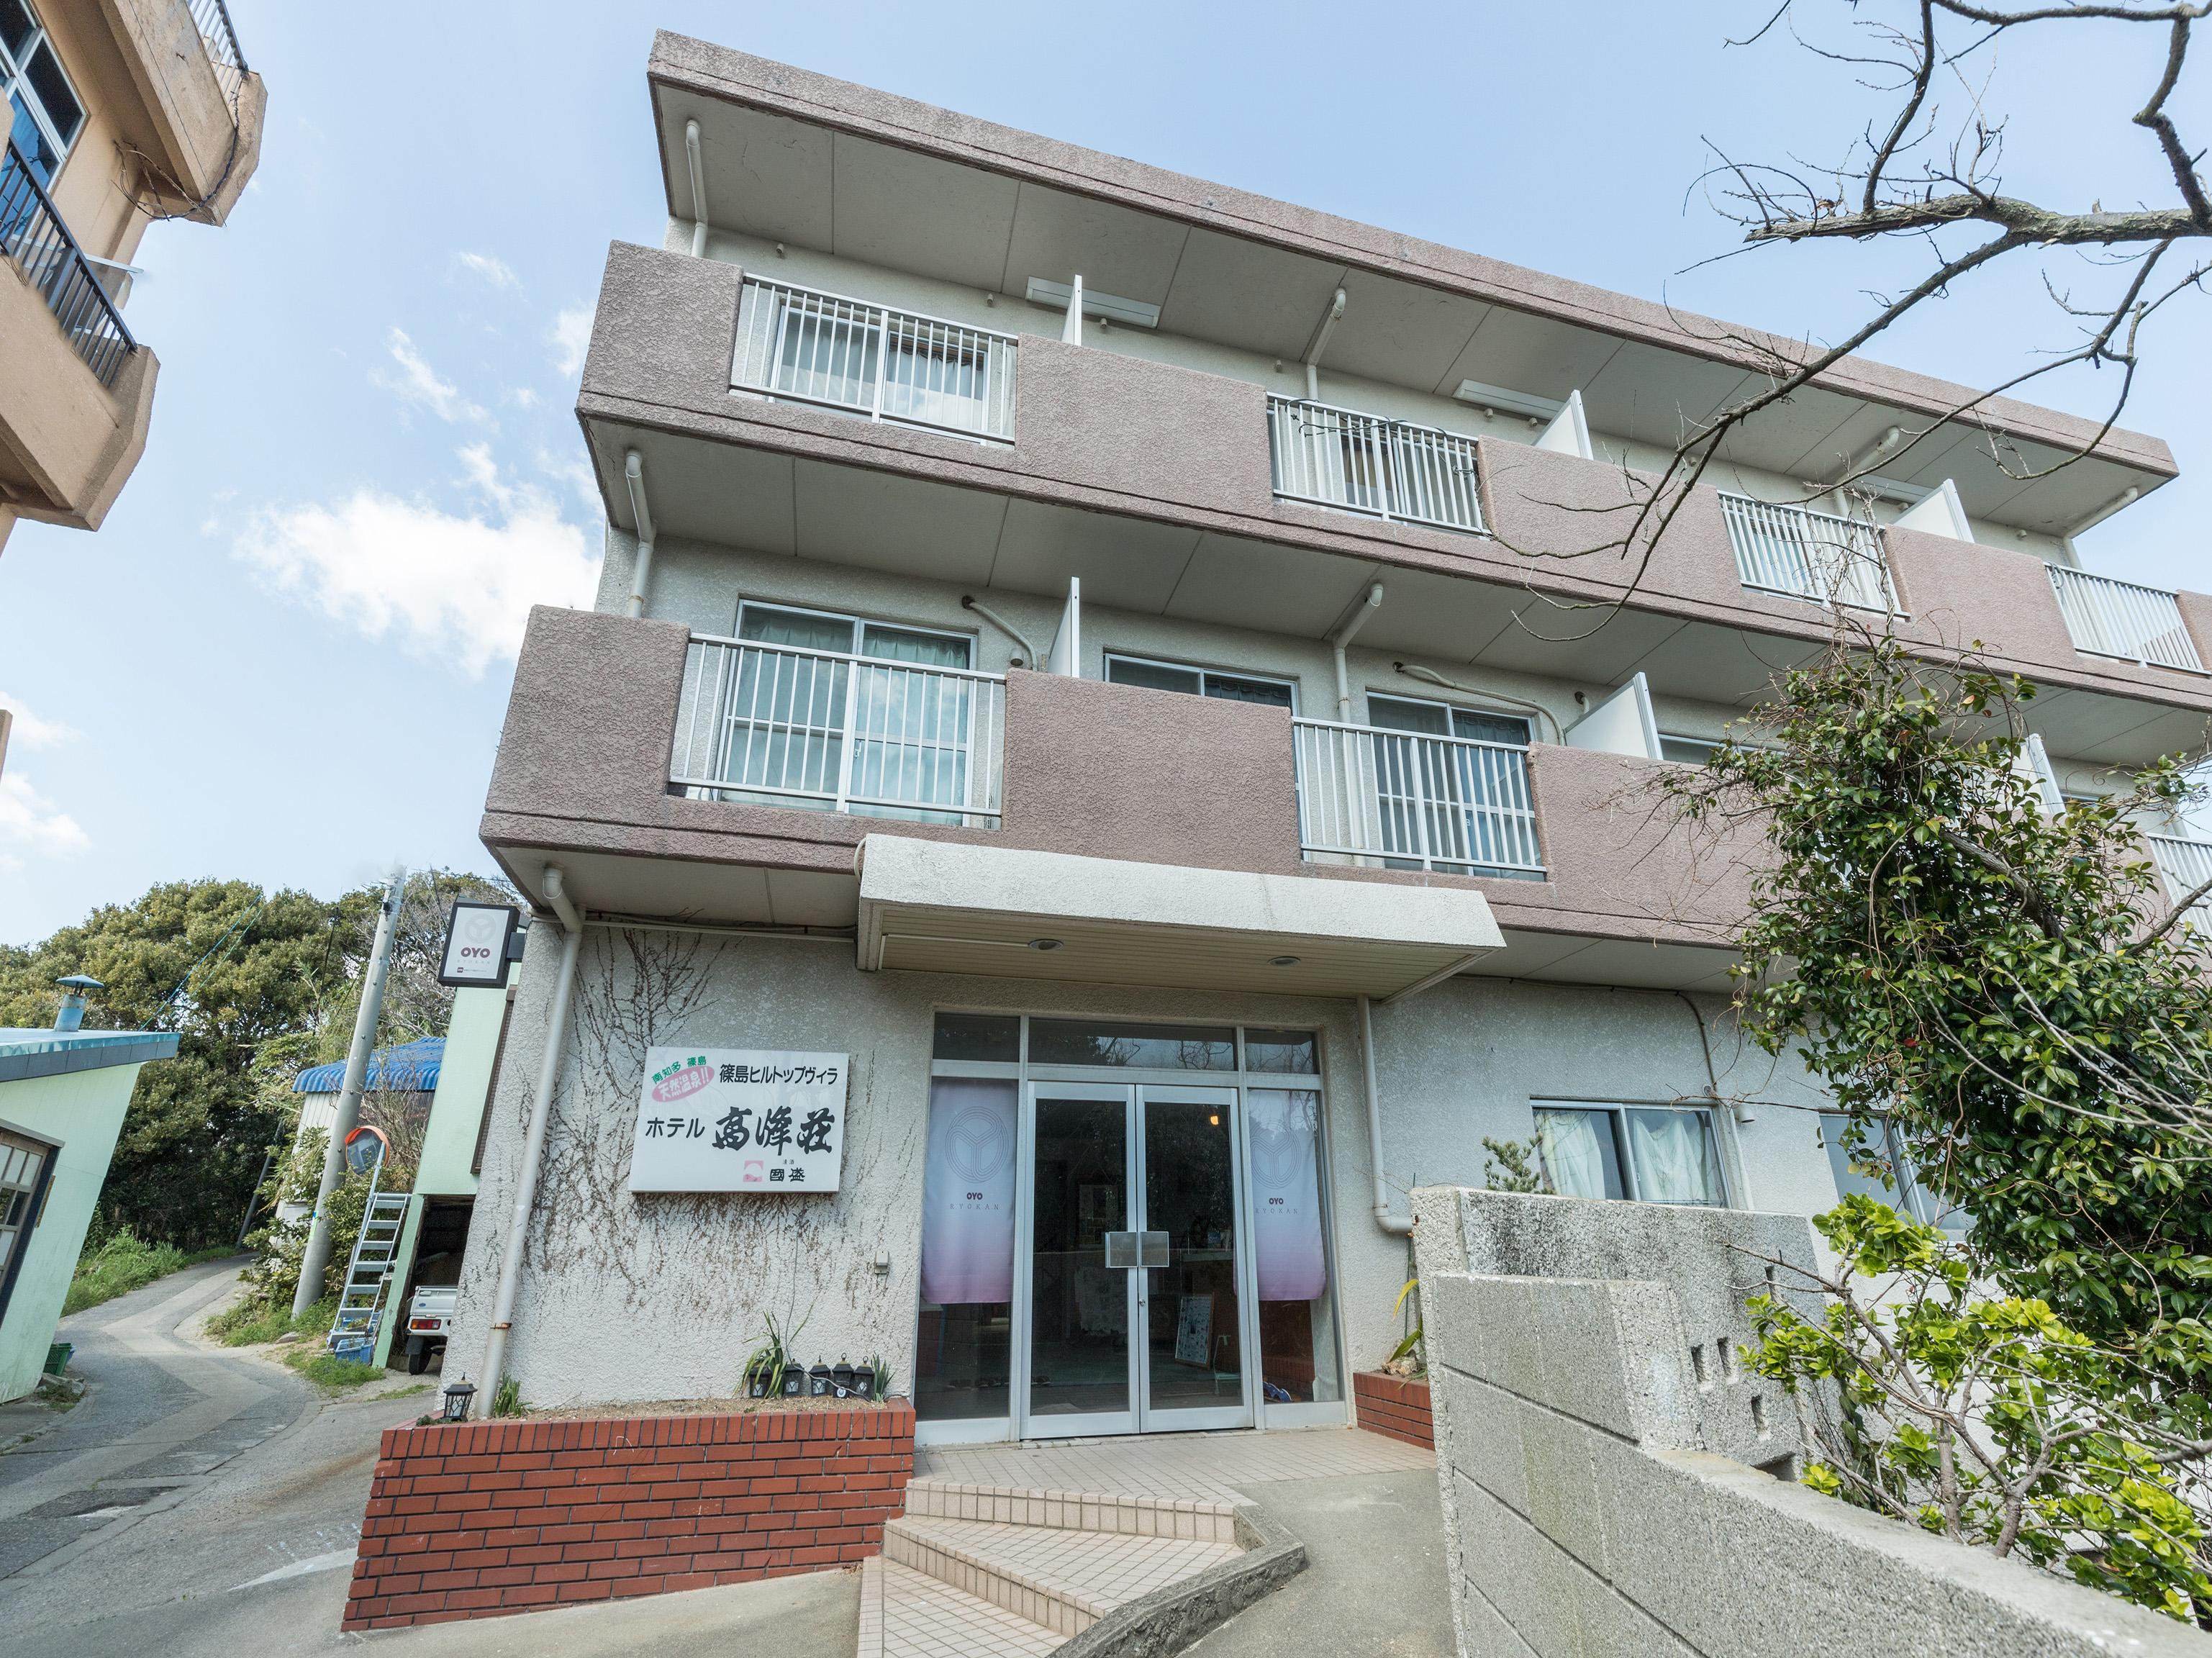 篠島ヒルトップヴィラ 高峰荘